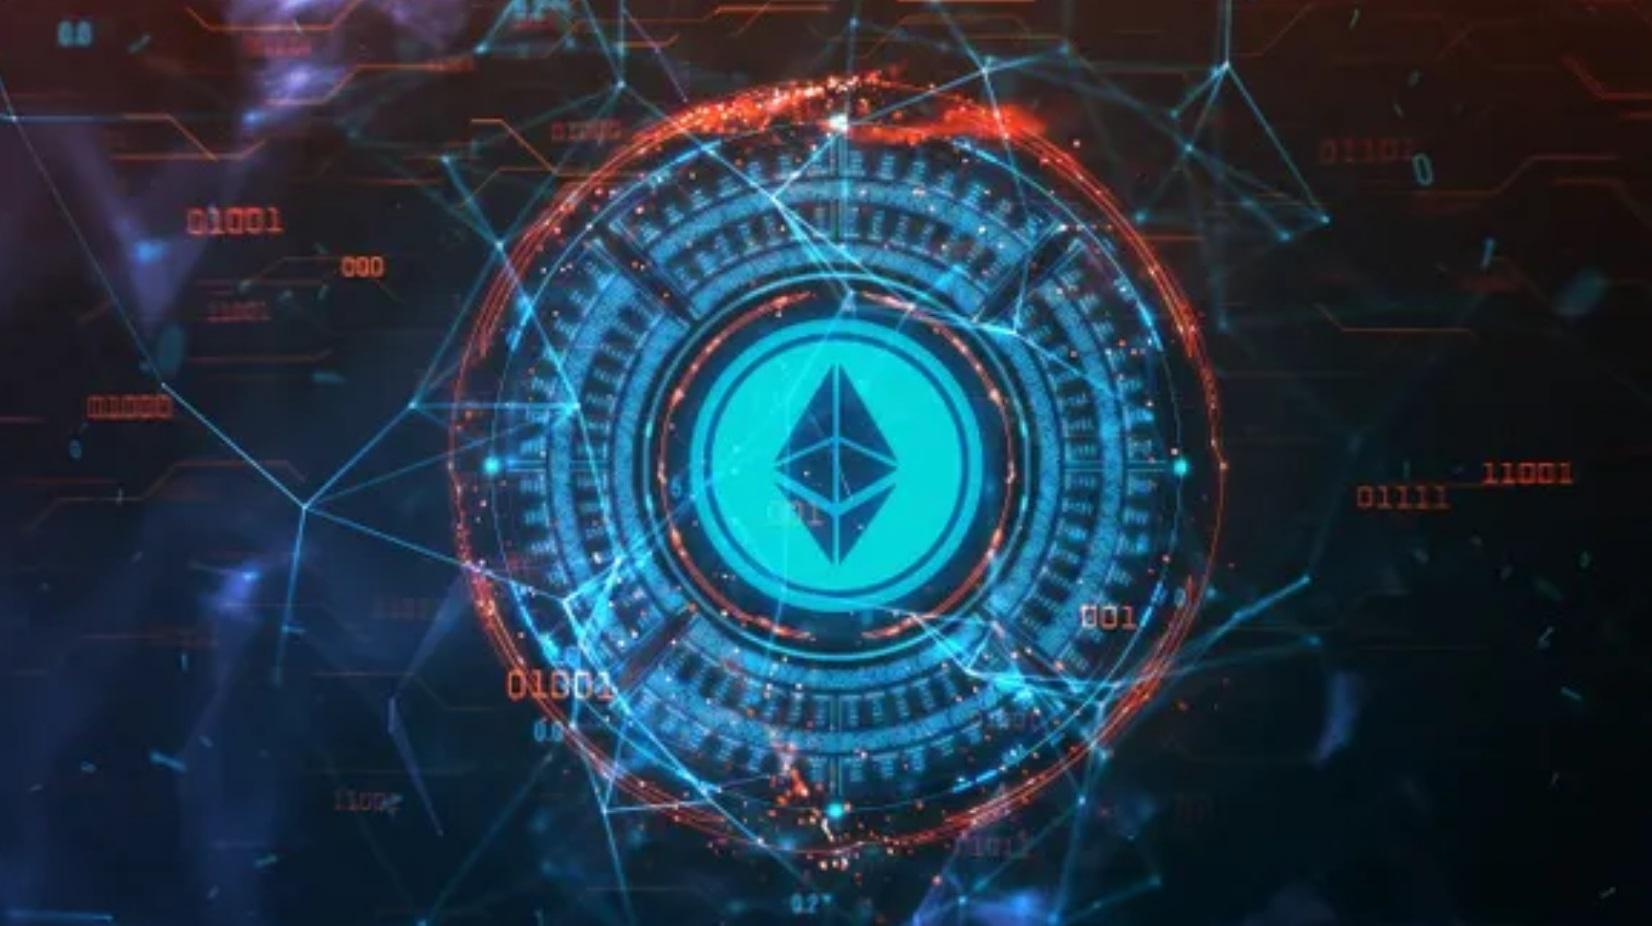 Vitalik Buterin Explains The New Tech Behind Eth 2.0